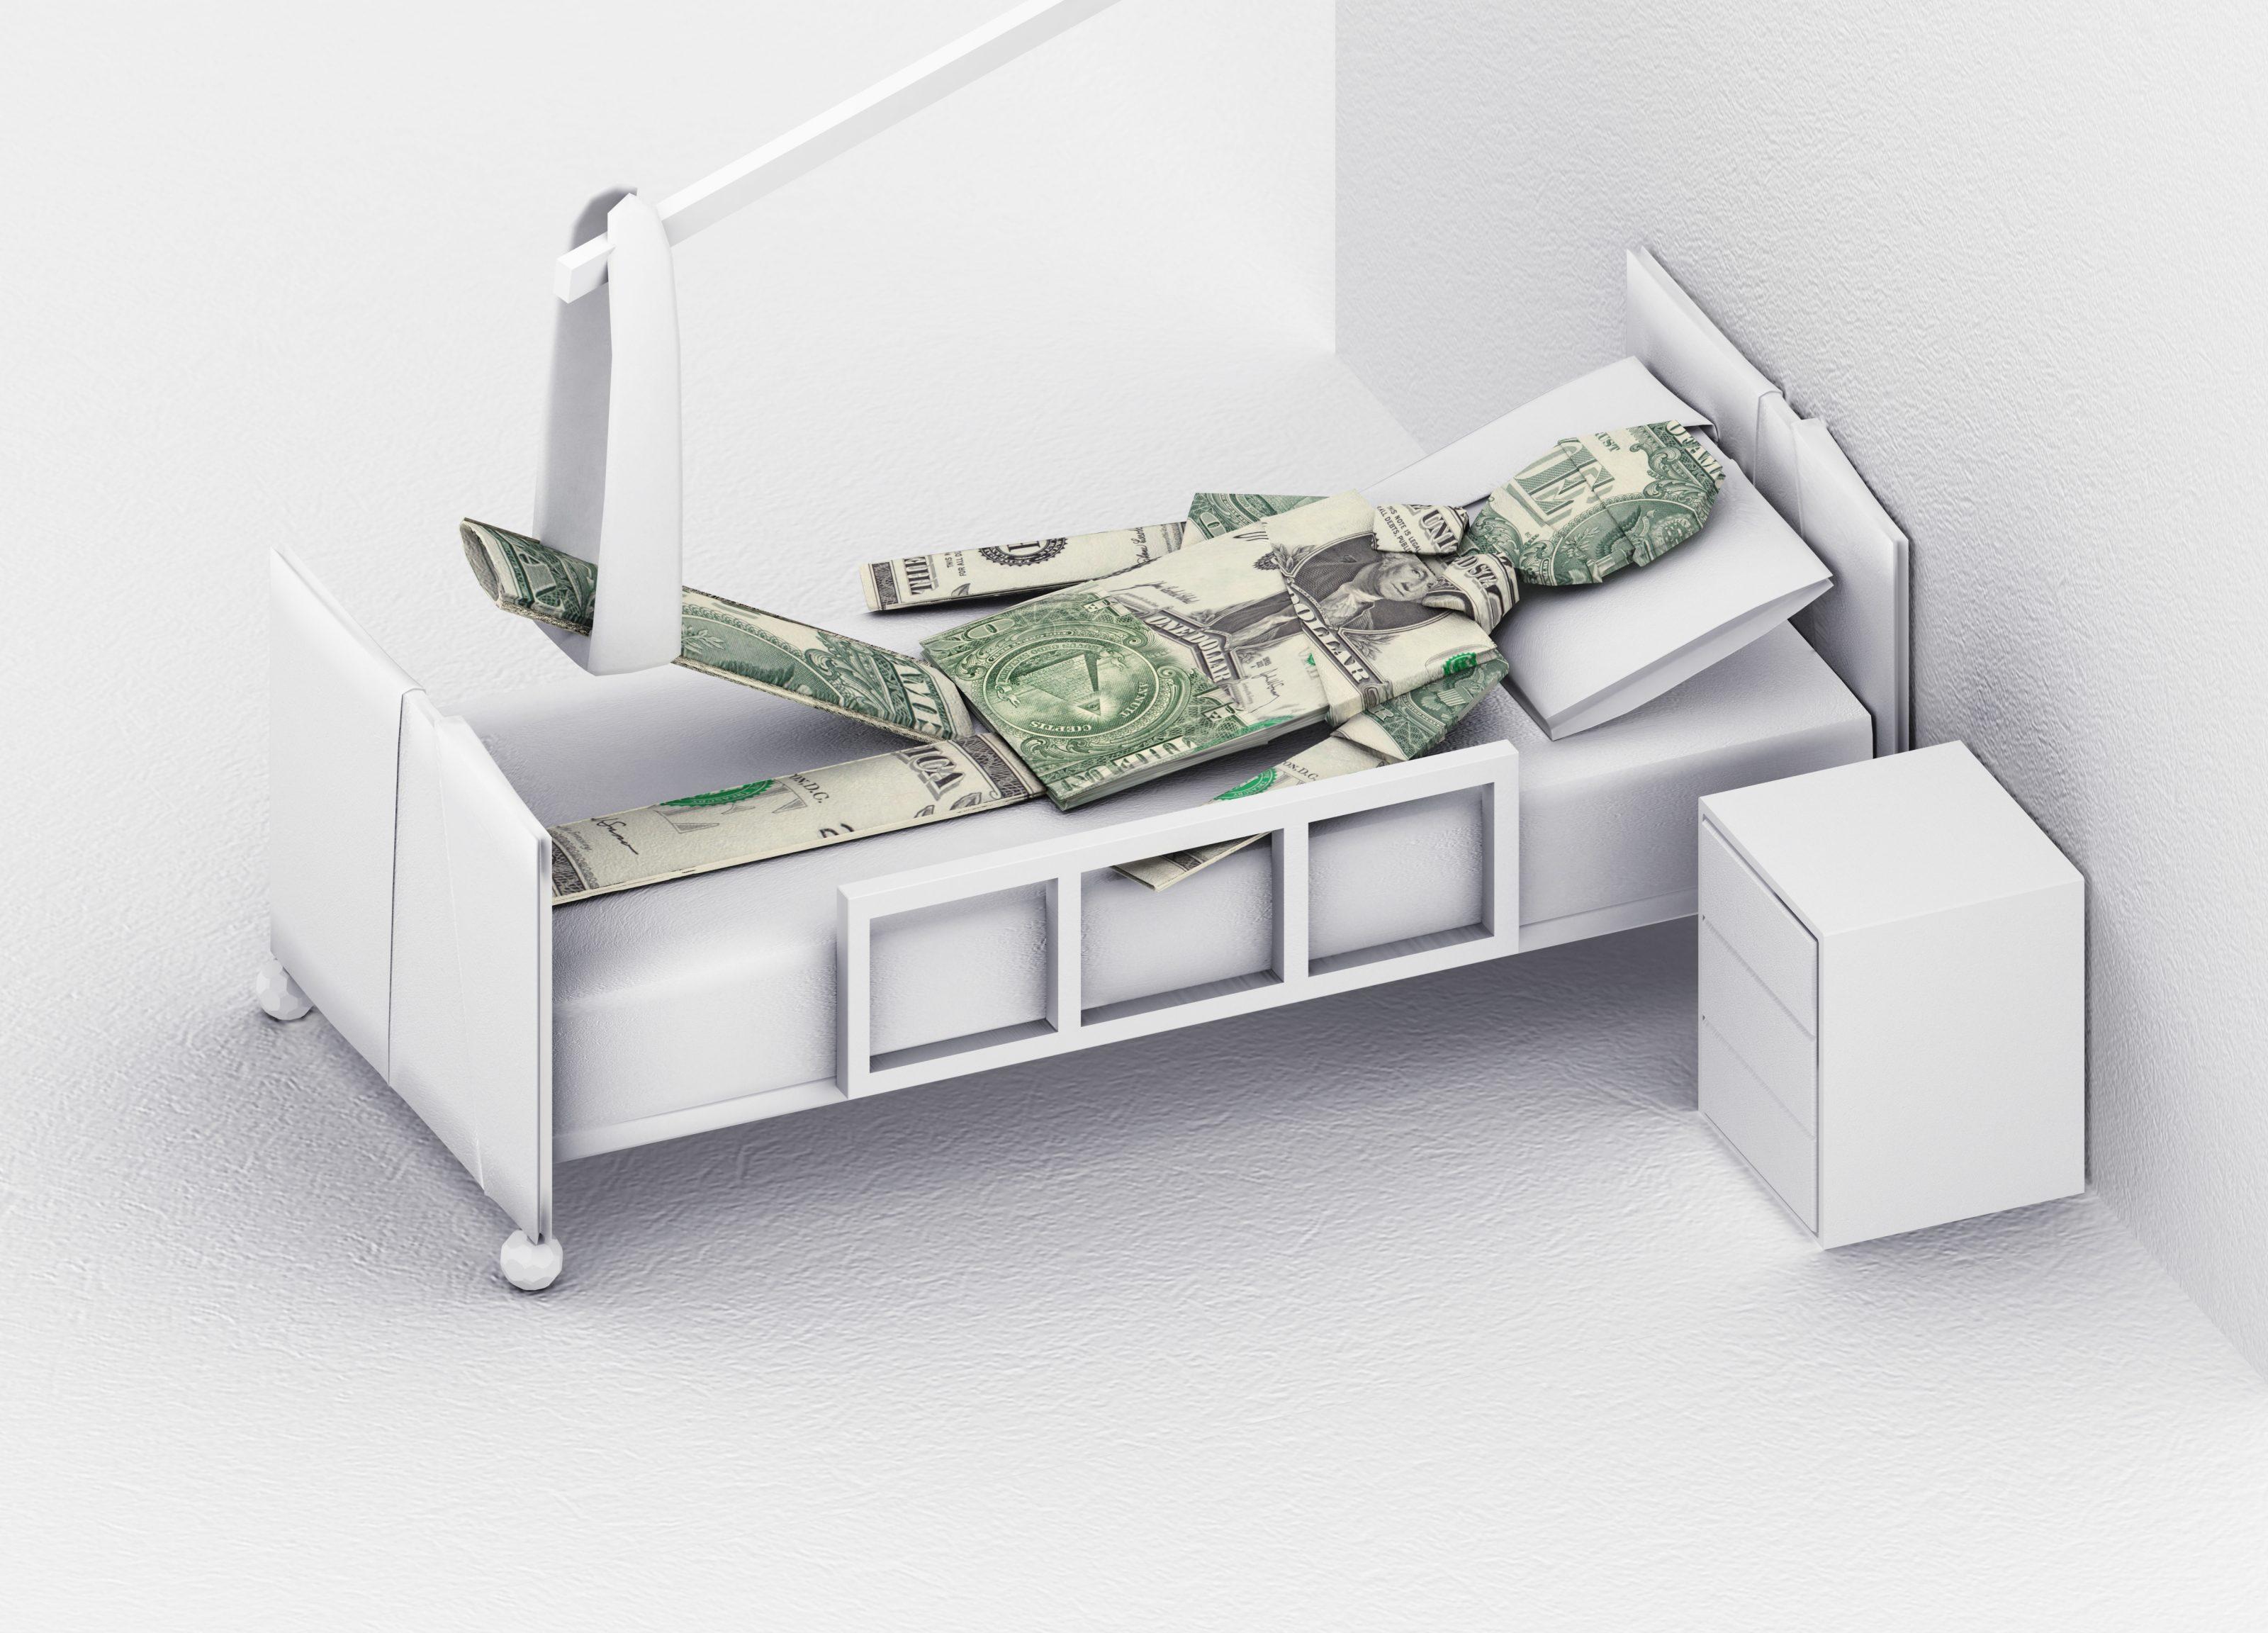 Krankenhäuser sind keine Profitcenter